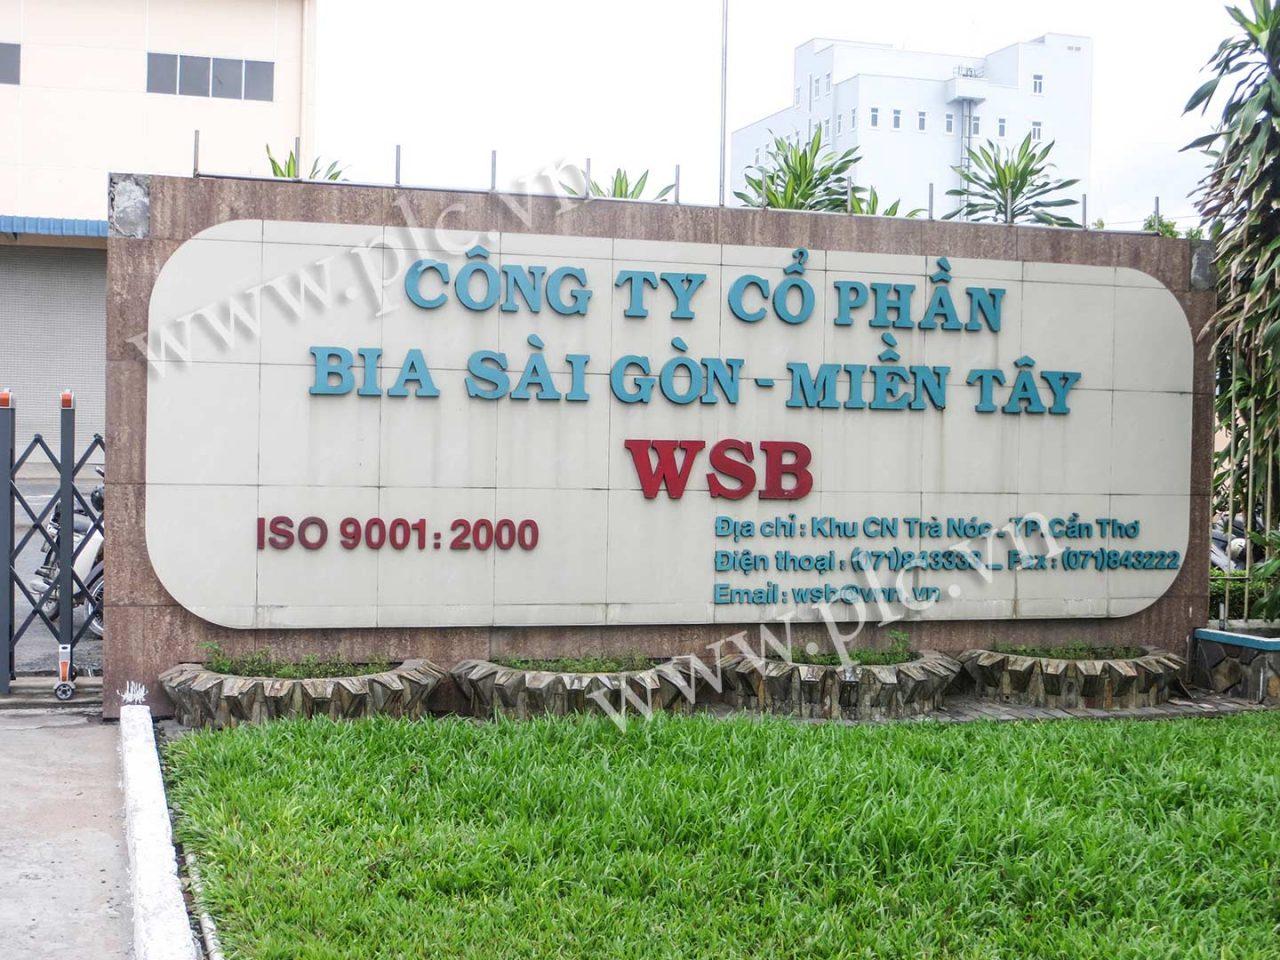 Bia Sài Gòn - Miền Tây lãi 40 tỷ trong quý II, tăng trưởng 65%